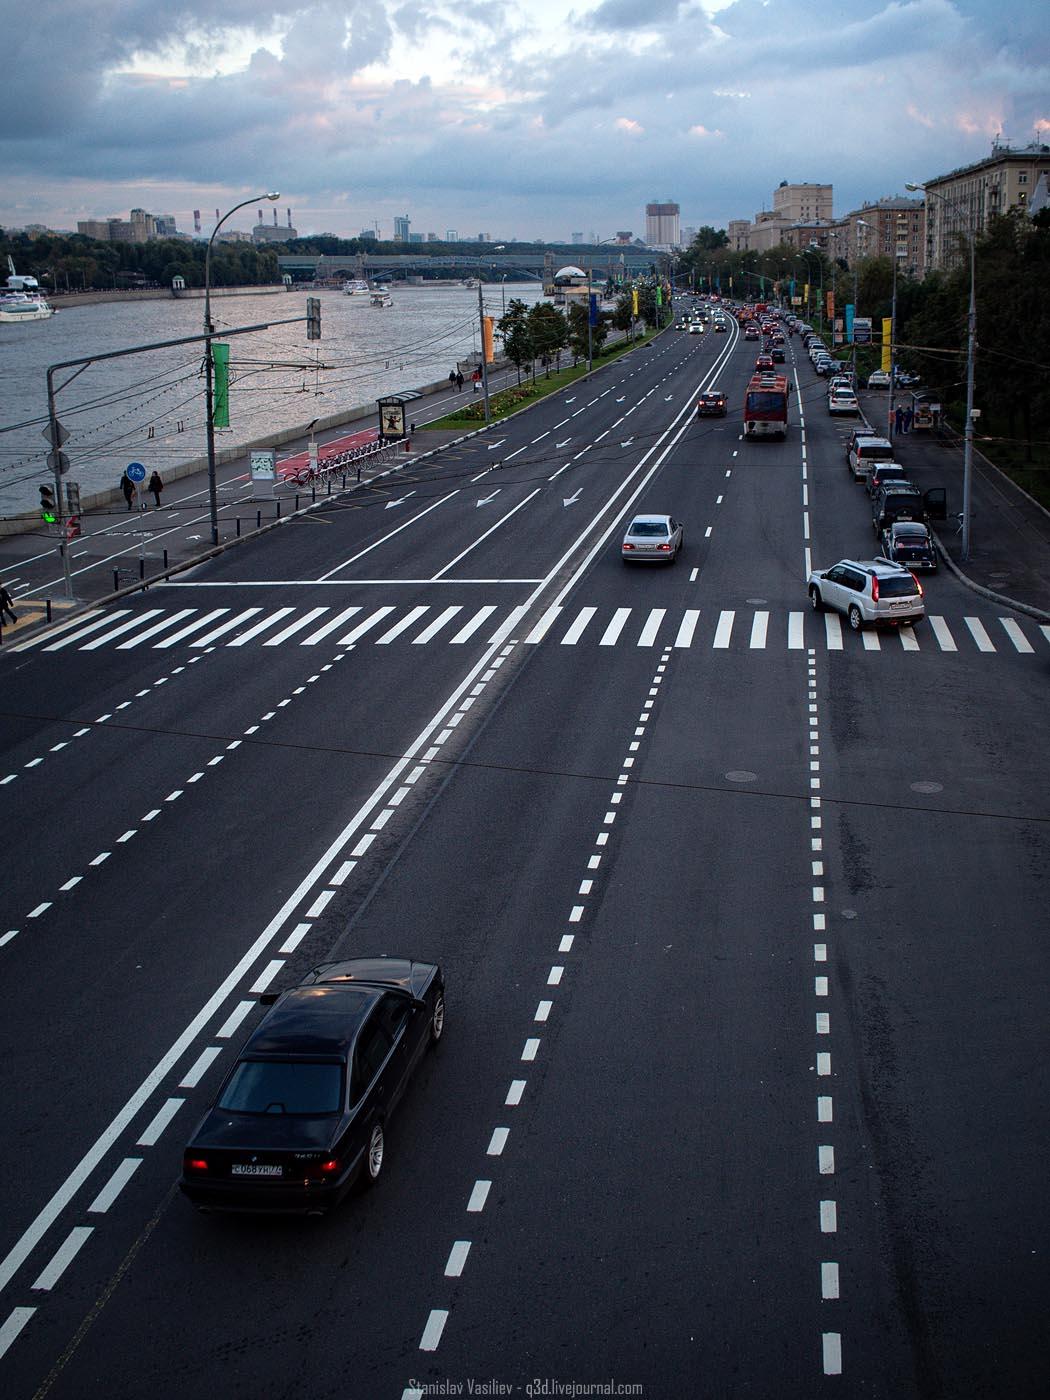 День города - Москва - 2013 - #062